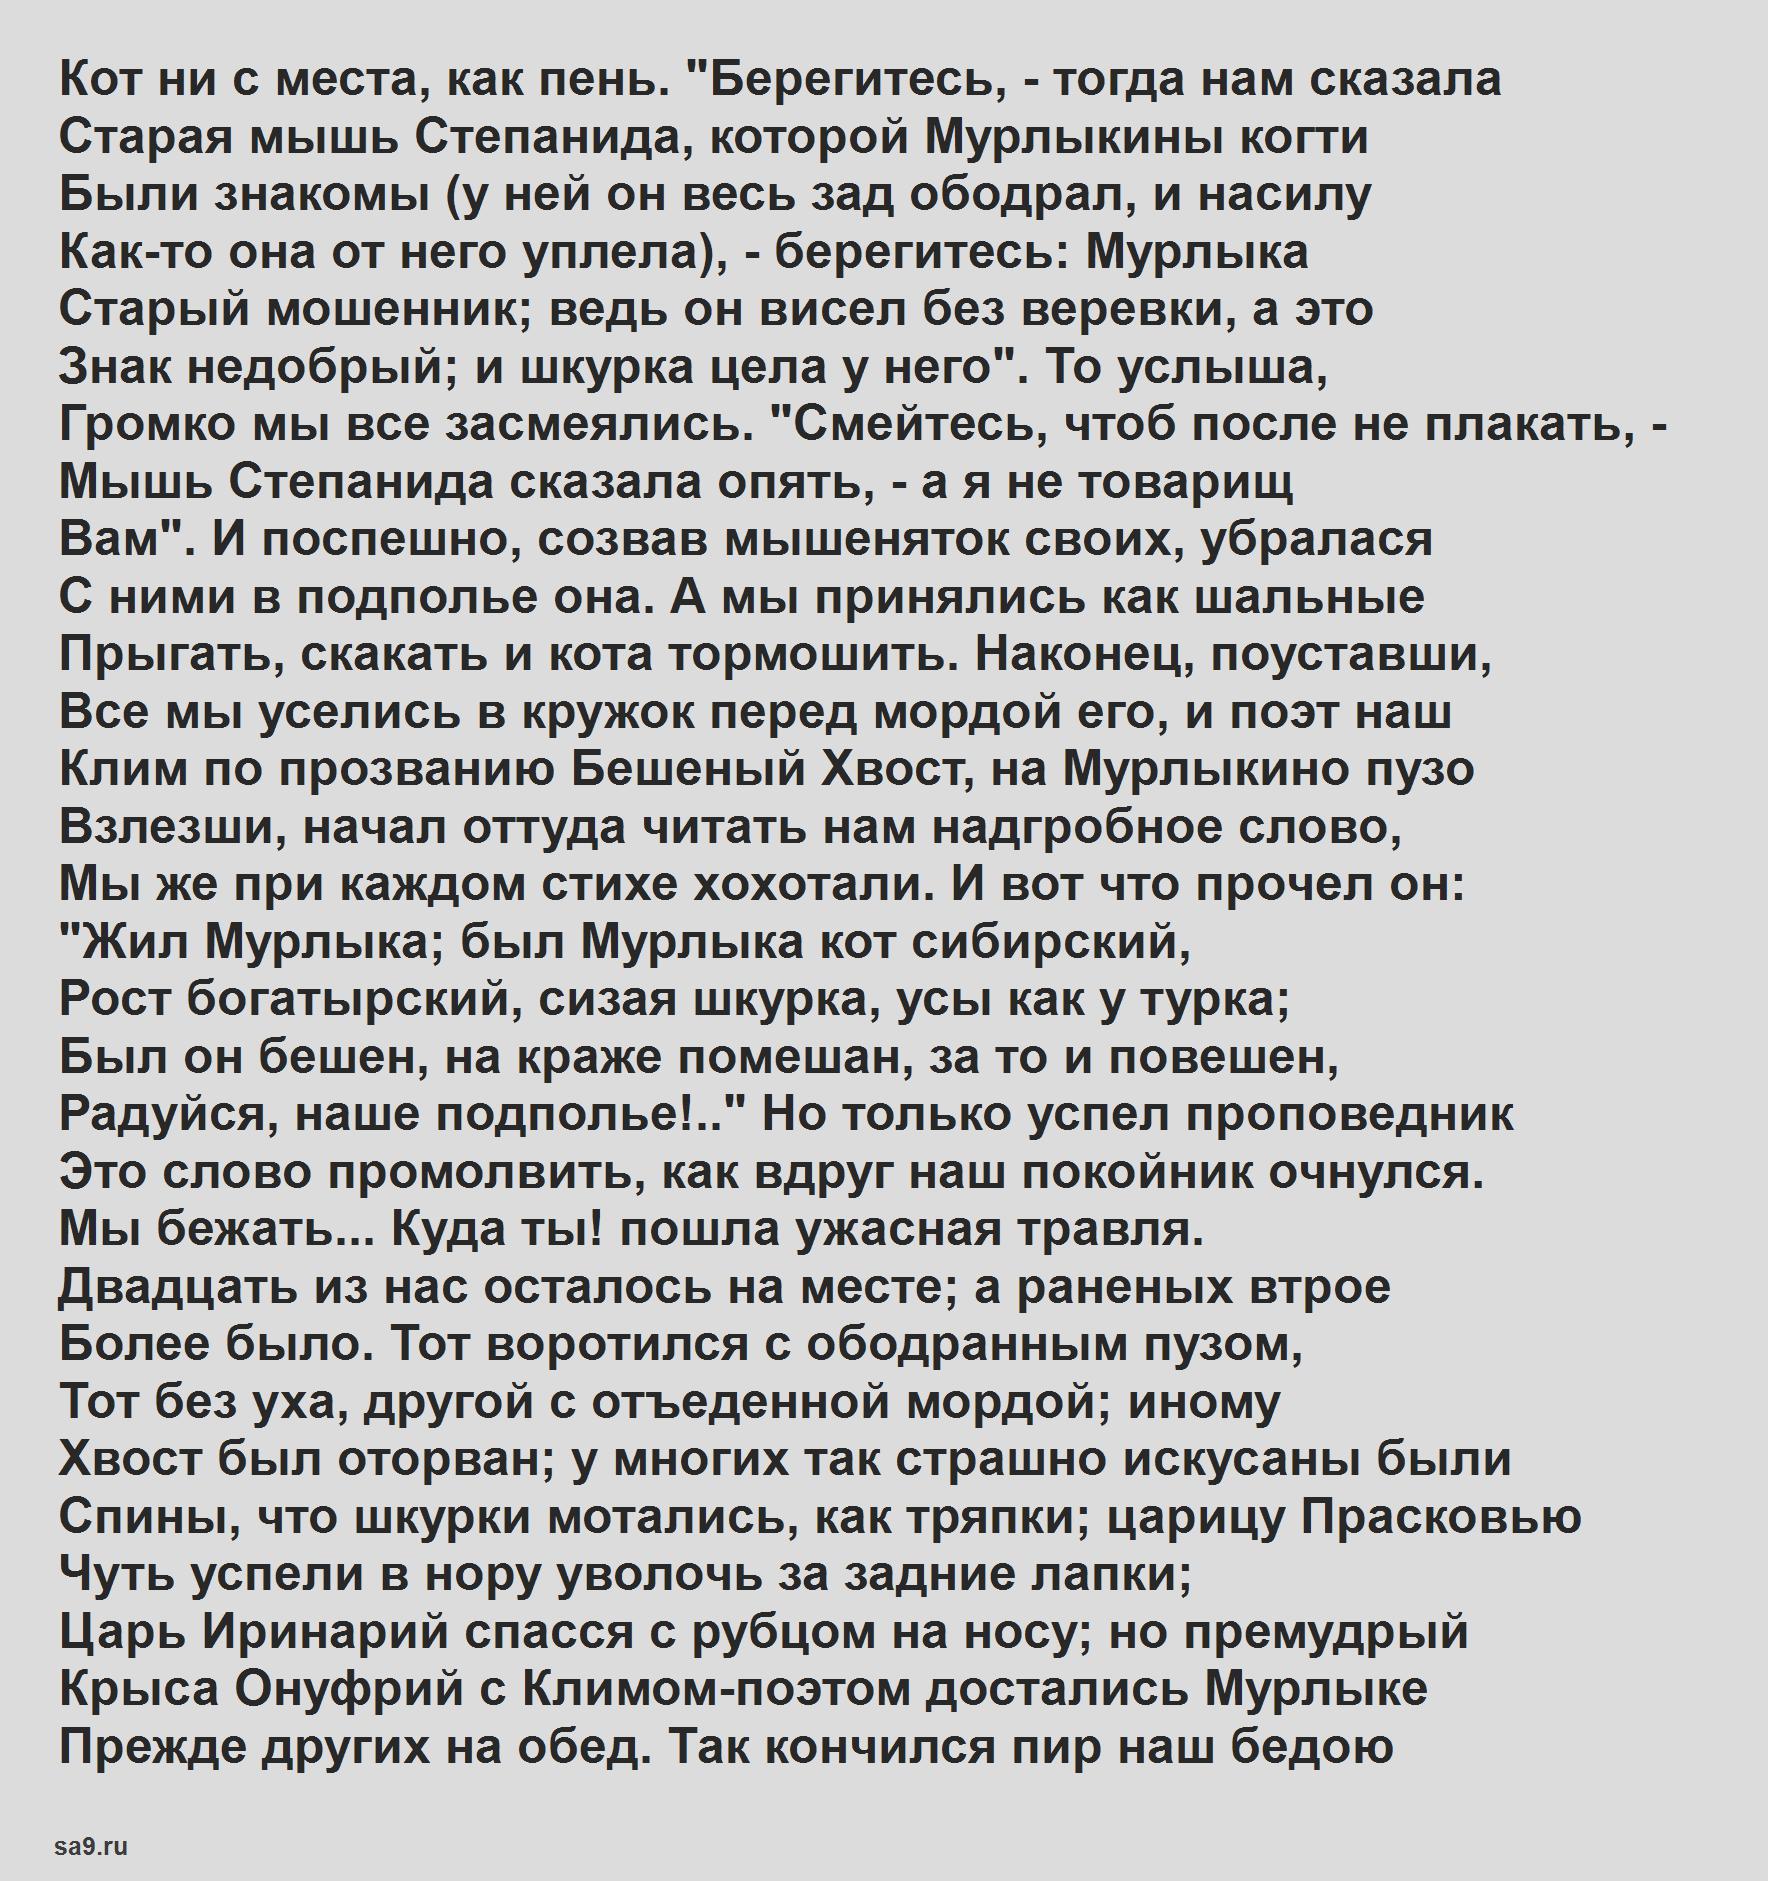 Жуковский - Война мышей и лягушек, читать полностью